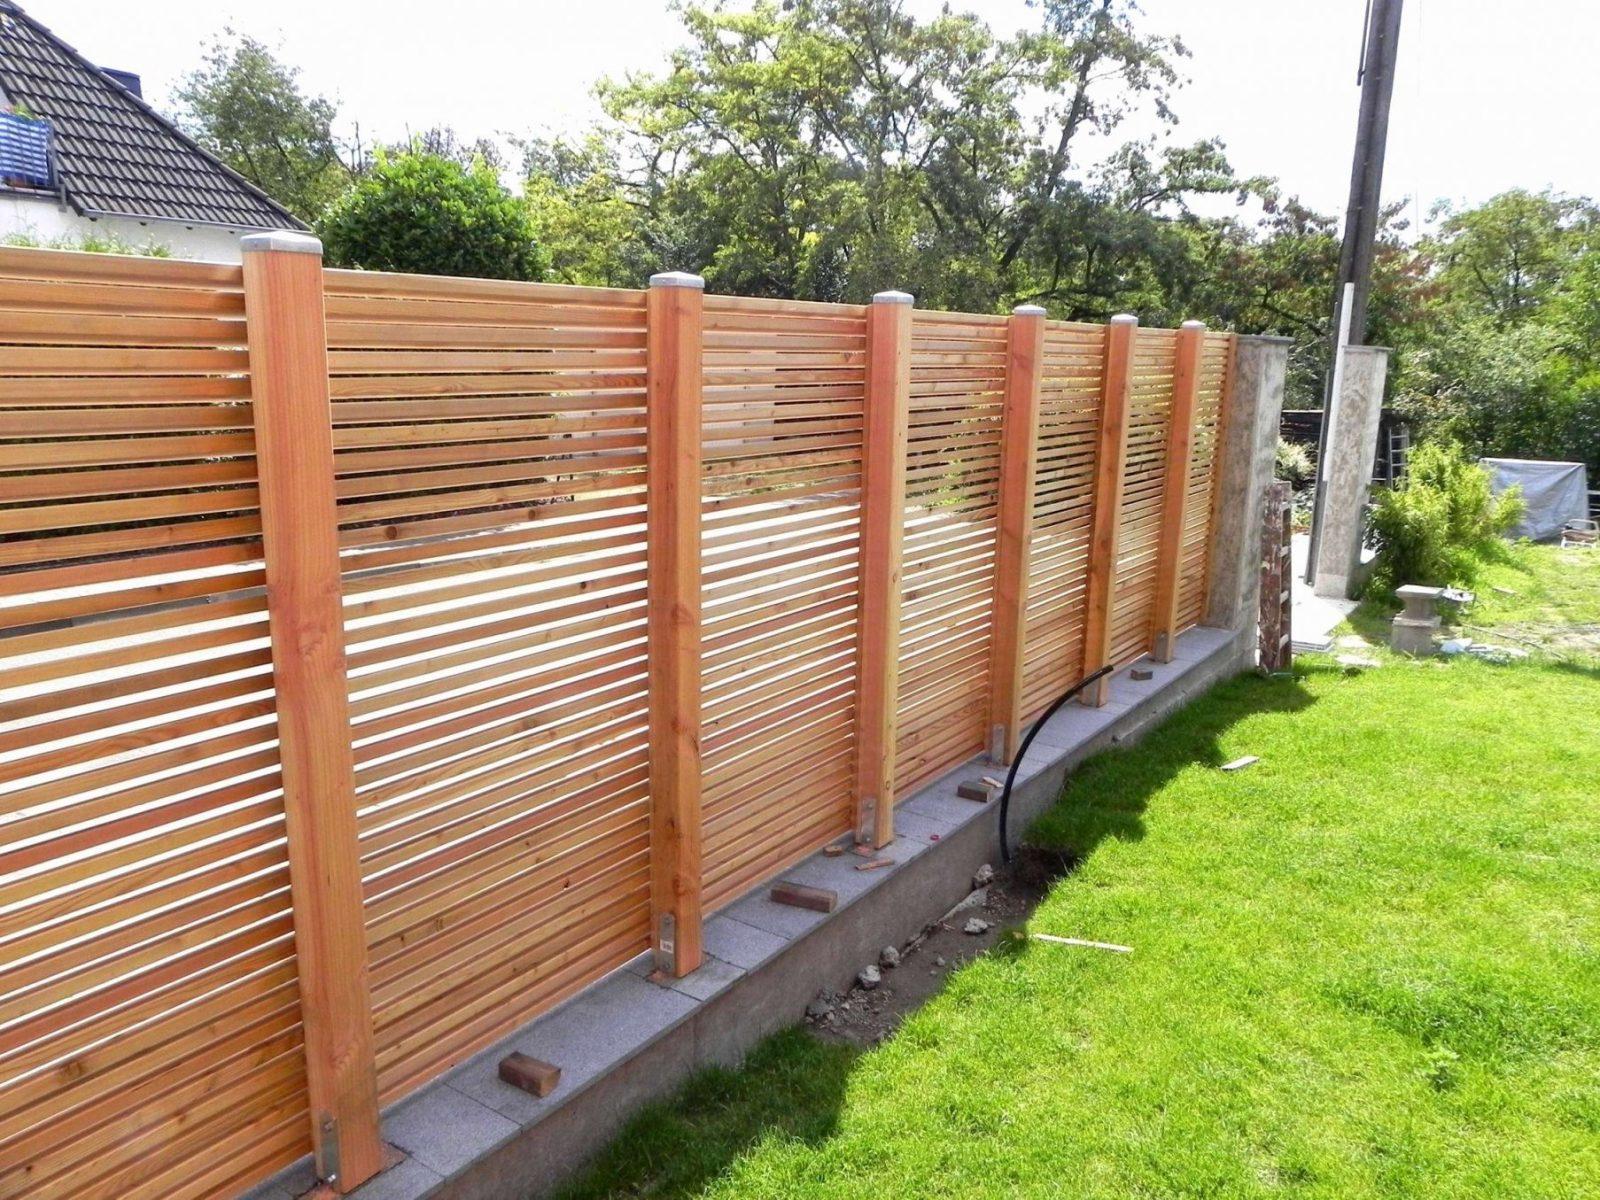 Zaun Selber Bauen Top Gartentor Holz Selber Bauen Vorteilhaft Design von Gartentor Aus Holz Selber Bauen Bild